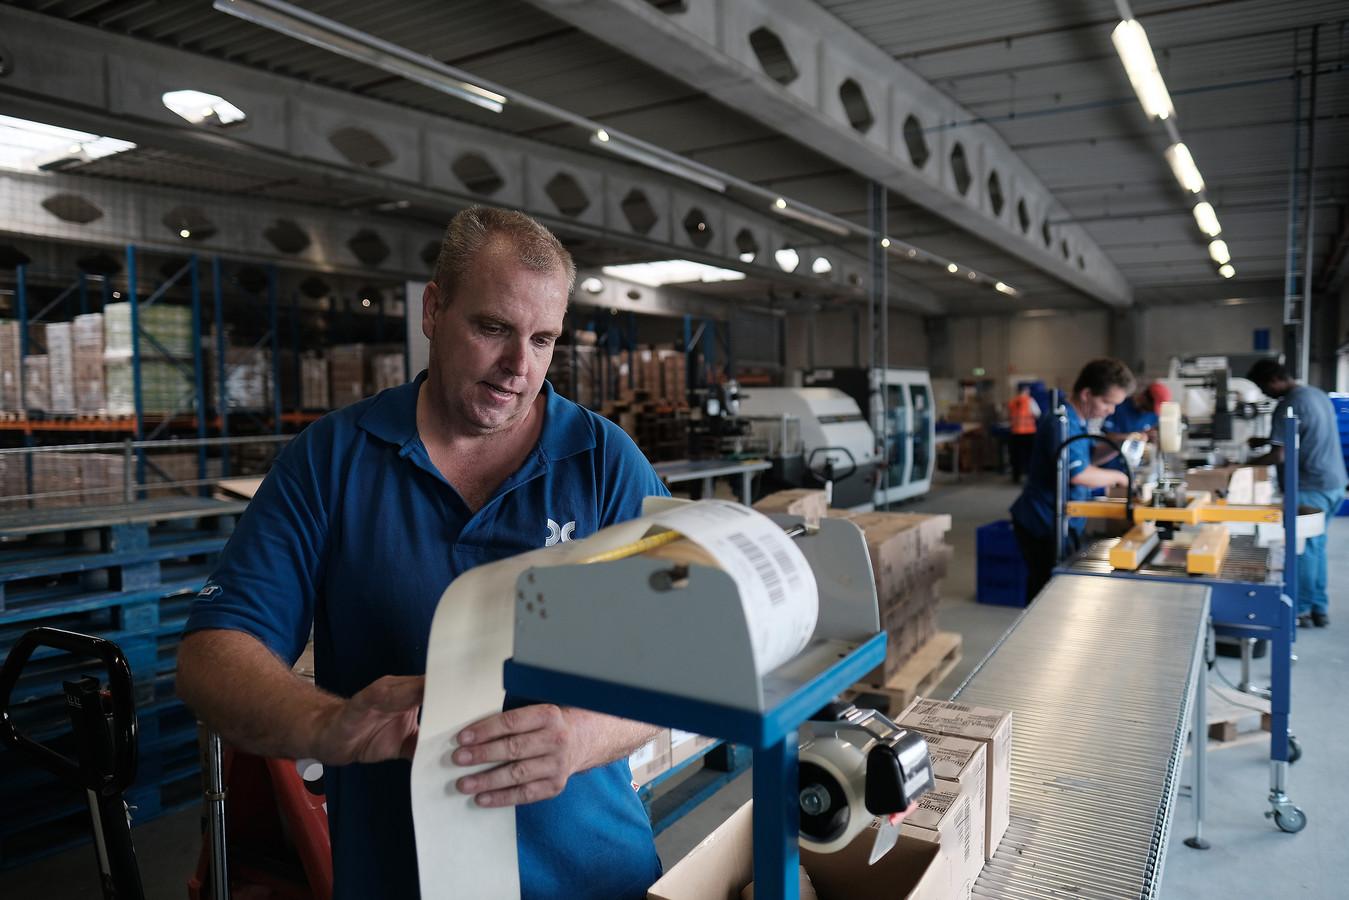 Archieffoto van medewerker van Laborijn aan het werk bij transportbedrijf Wim Bosman. Foto Jan van den Brink.